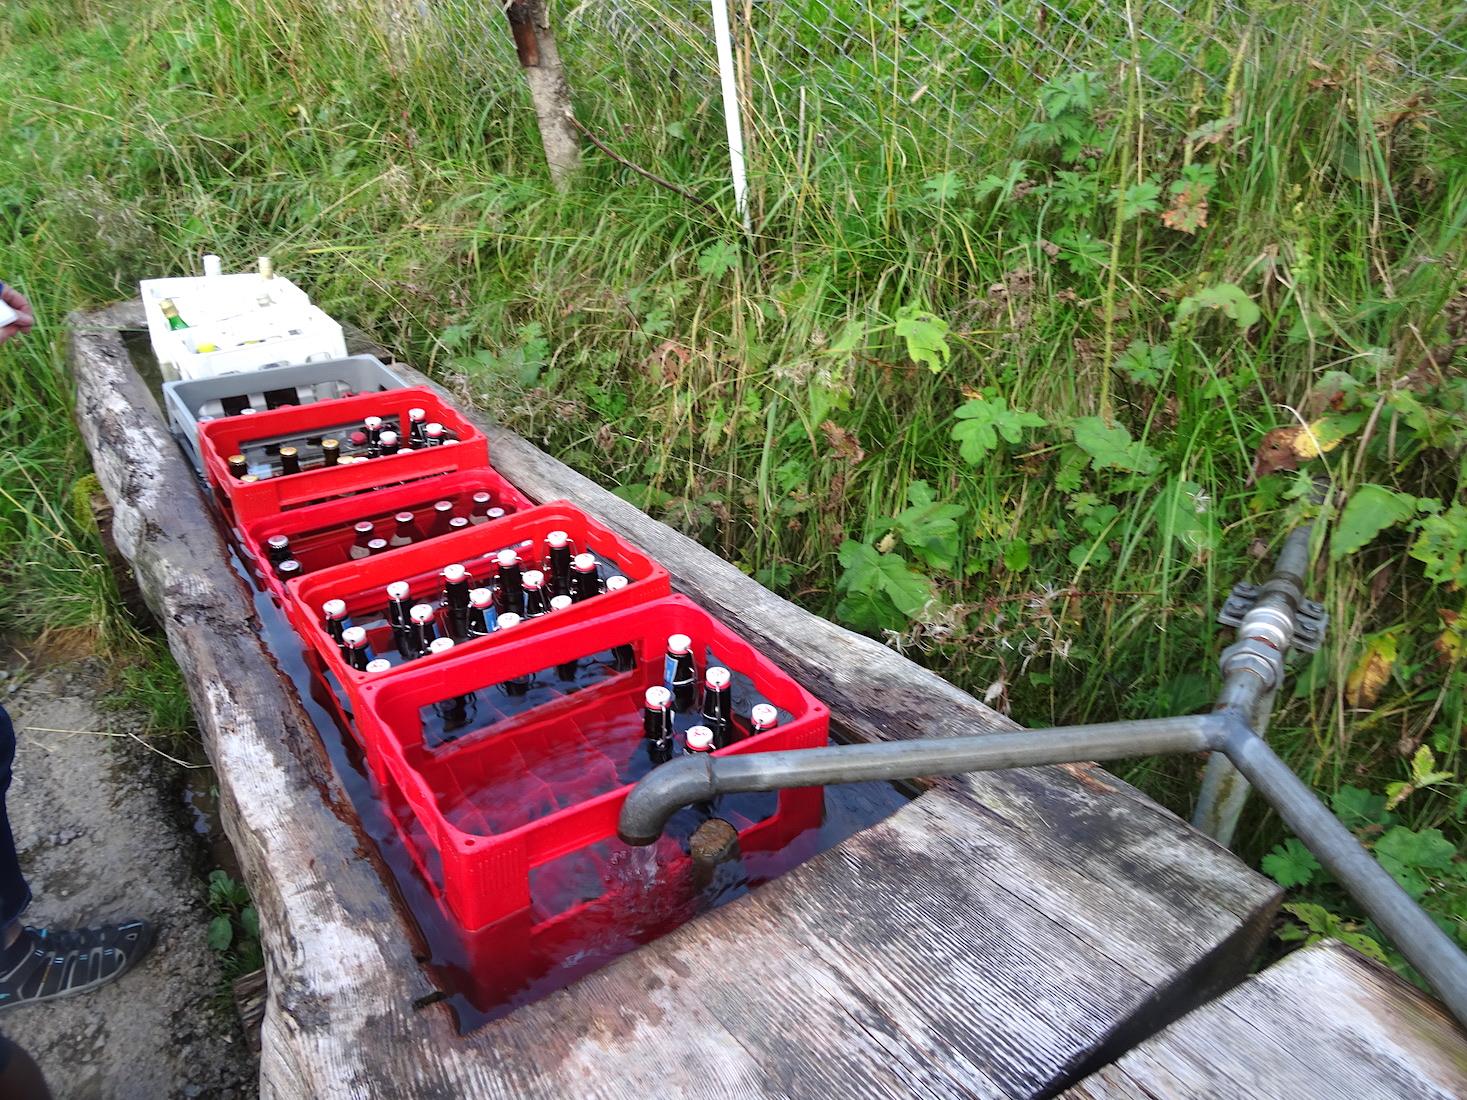 So braucht es keinen Kühlschrank: Bier wird auf dem Zuger Alpli in der Viehtränke gekühlt.